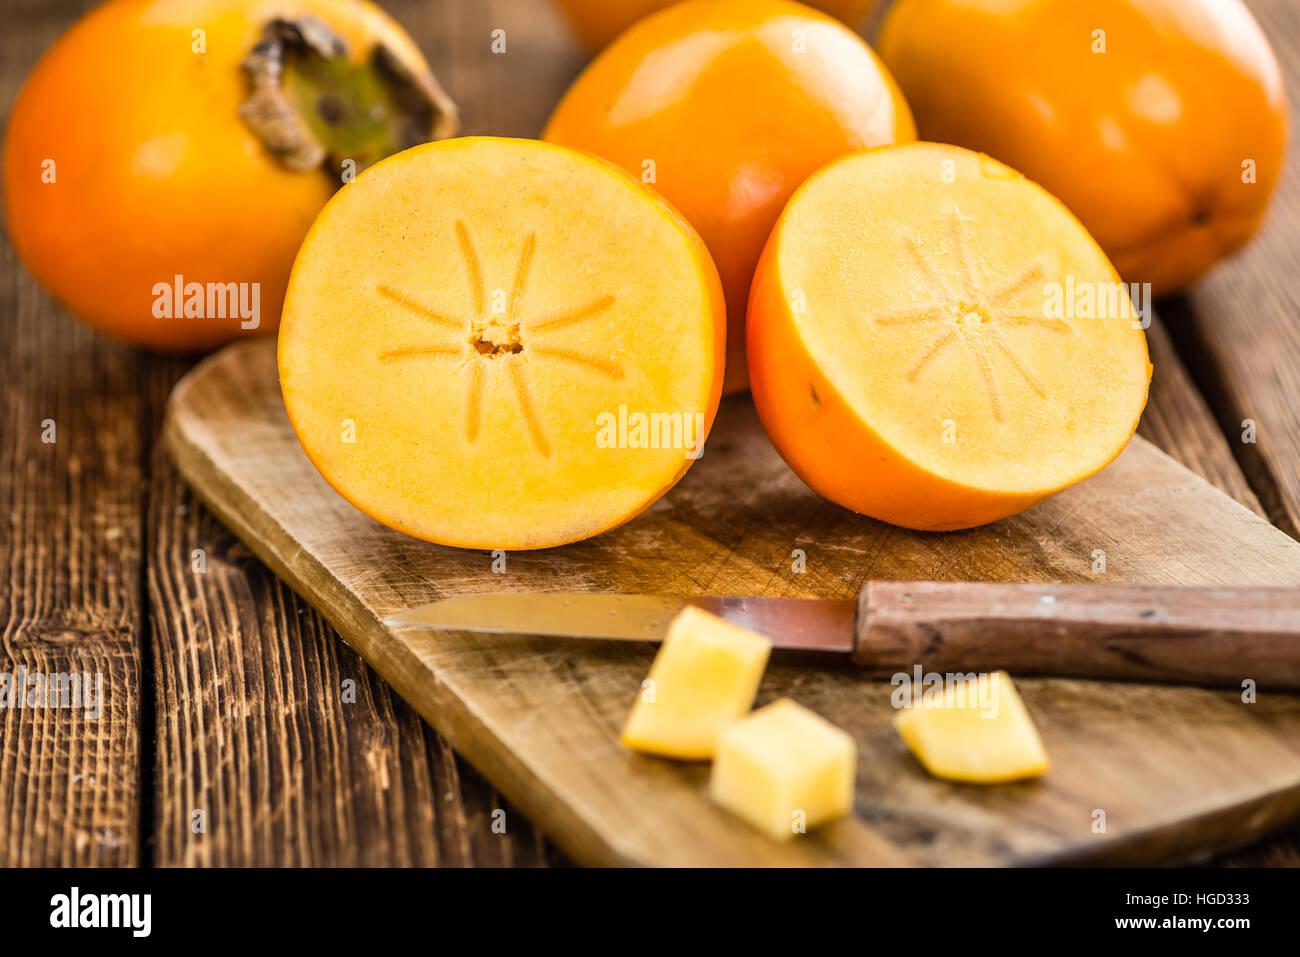 Kaki frutas sobre fondo de madera rústica (primer plano) Imagen De Stock